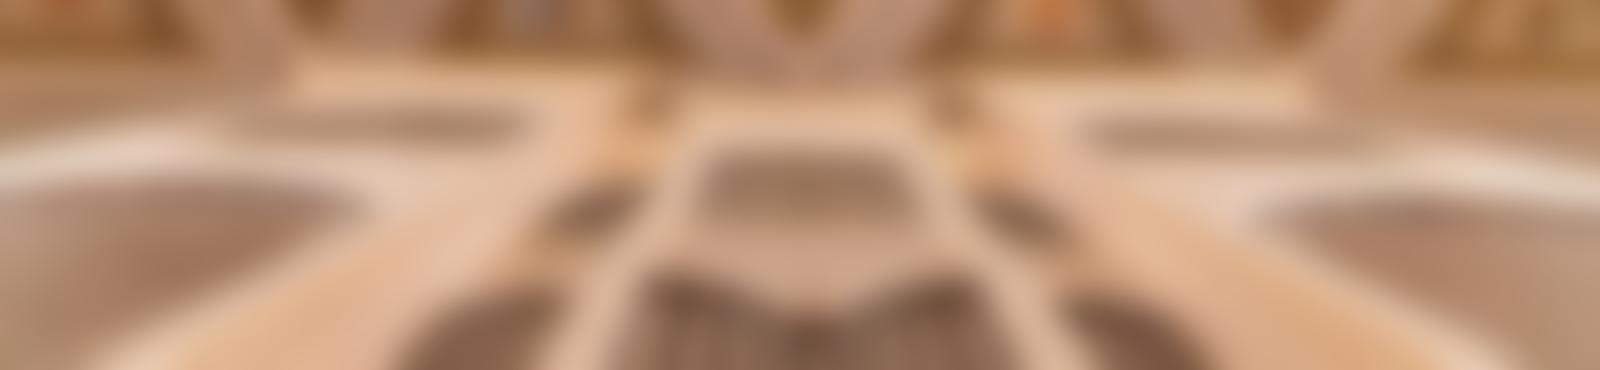 Blurred 13269226 24b9 4197 8a2f 13c7fa02564f